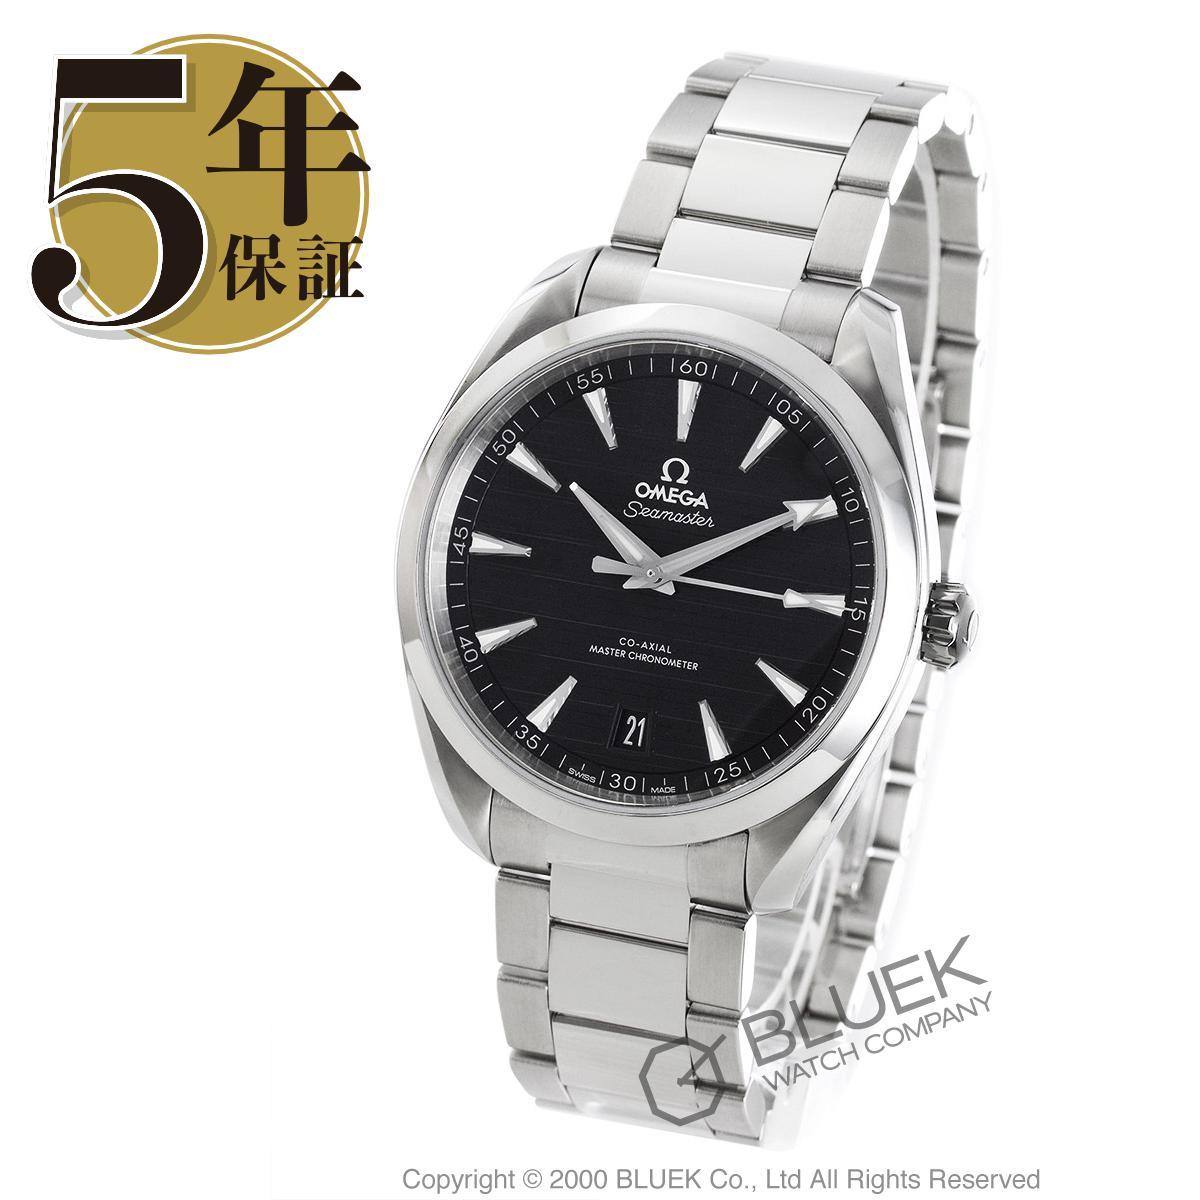 オメガ シーマスター アクアテラ マスタークロノメーター 腕時計 メンズ OMEGA 220.10.41.21.01.001_5